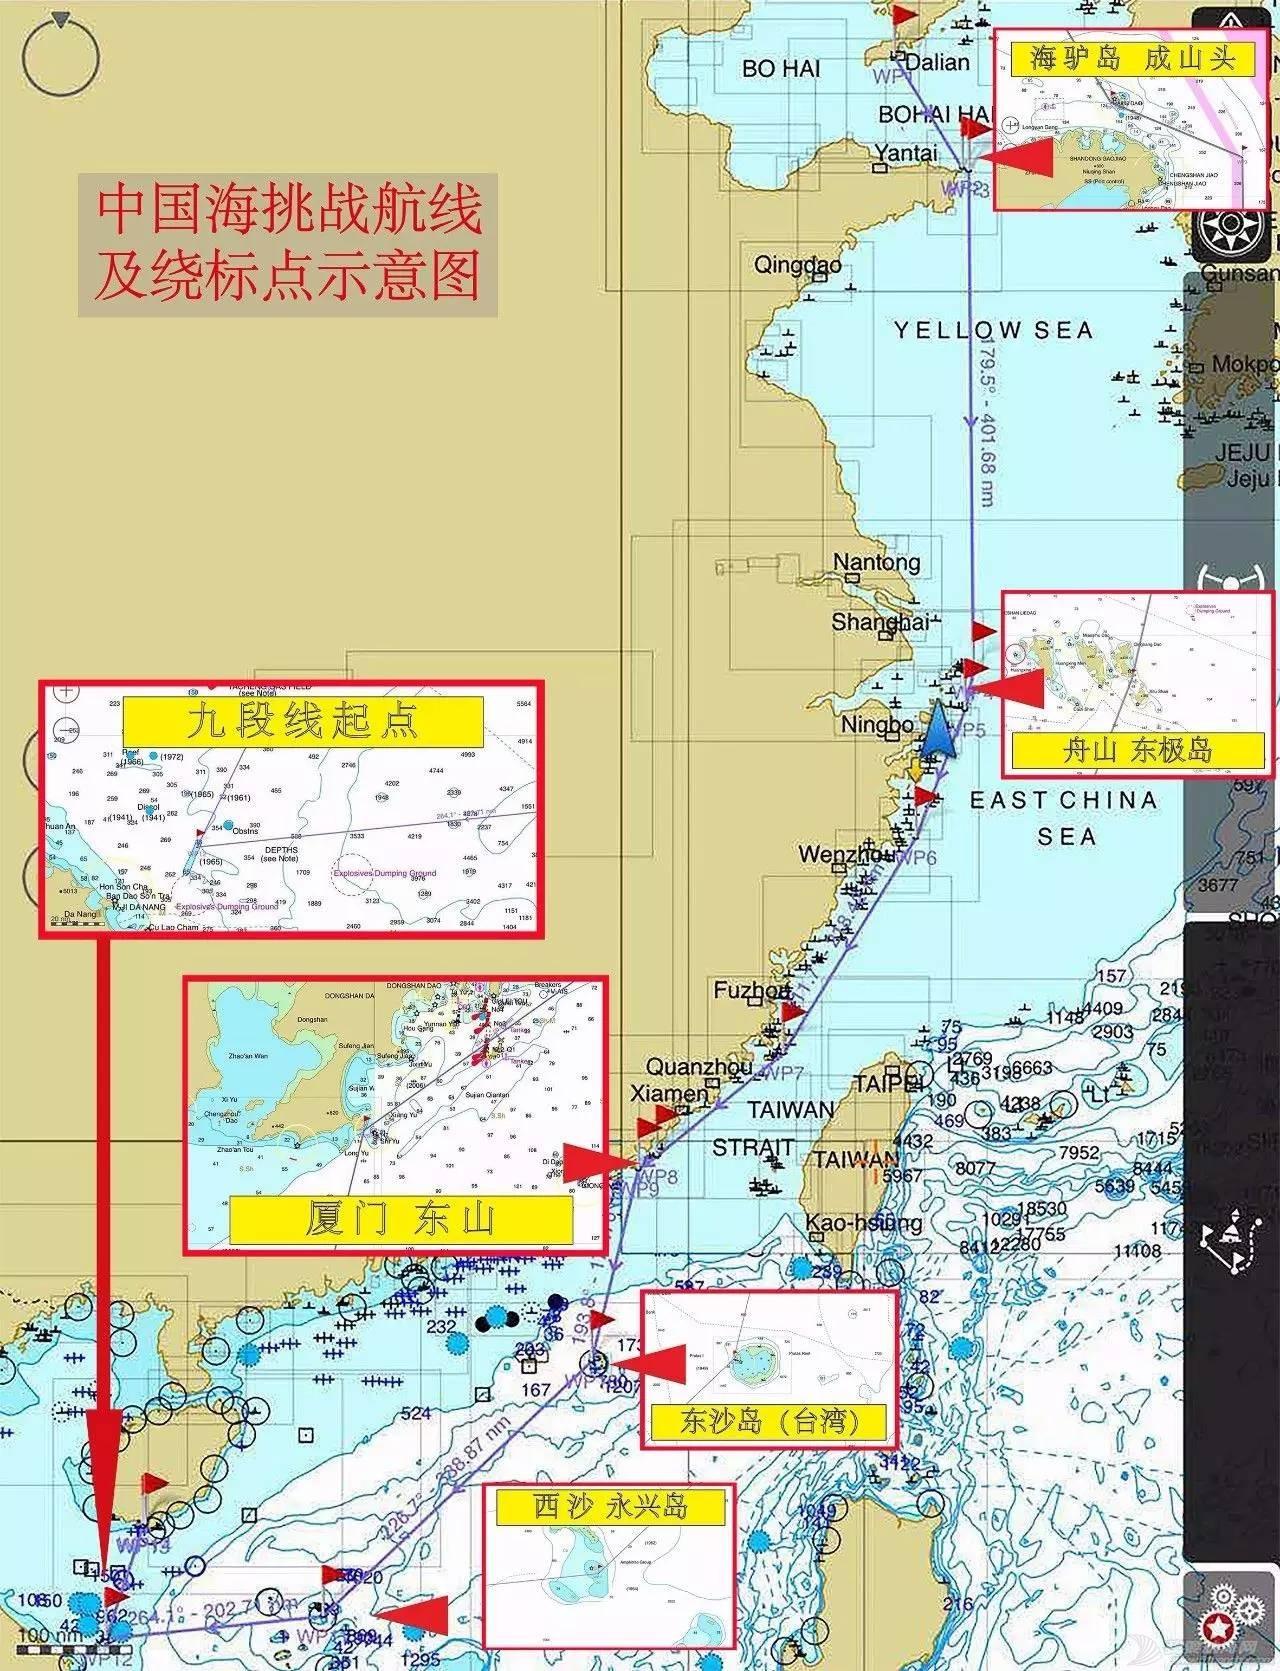 """北京时间,南海海域,台湾海峡,世界最小,永兴岛 """"红牛号""""蓄势待发,世界最小三体竞技帆船挑战中国海。 37fc553dbf6eae6ee48d4ca756e7c608.jpg"""